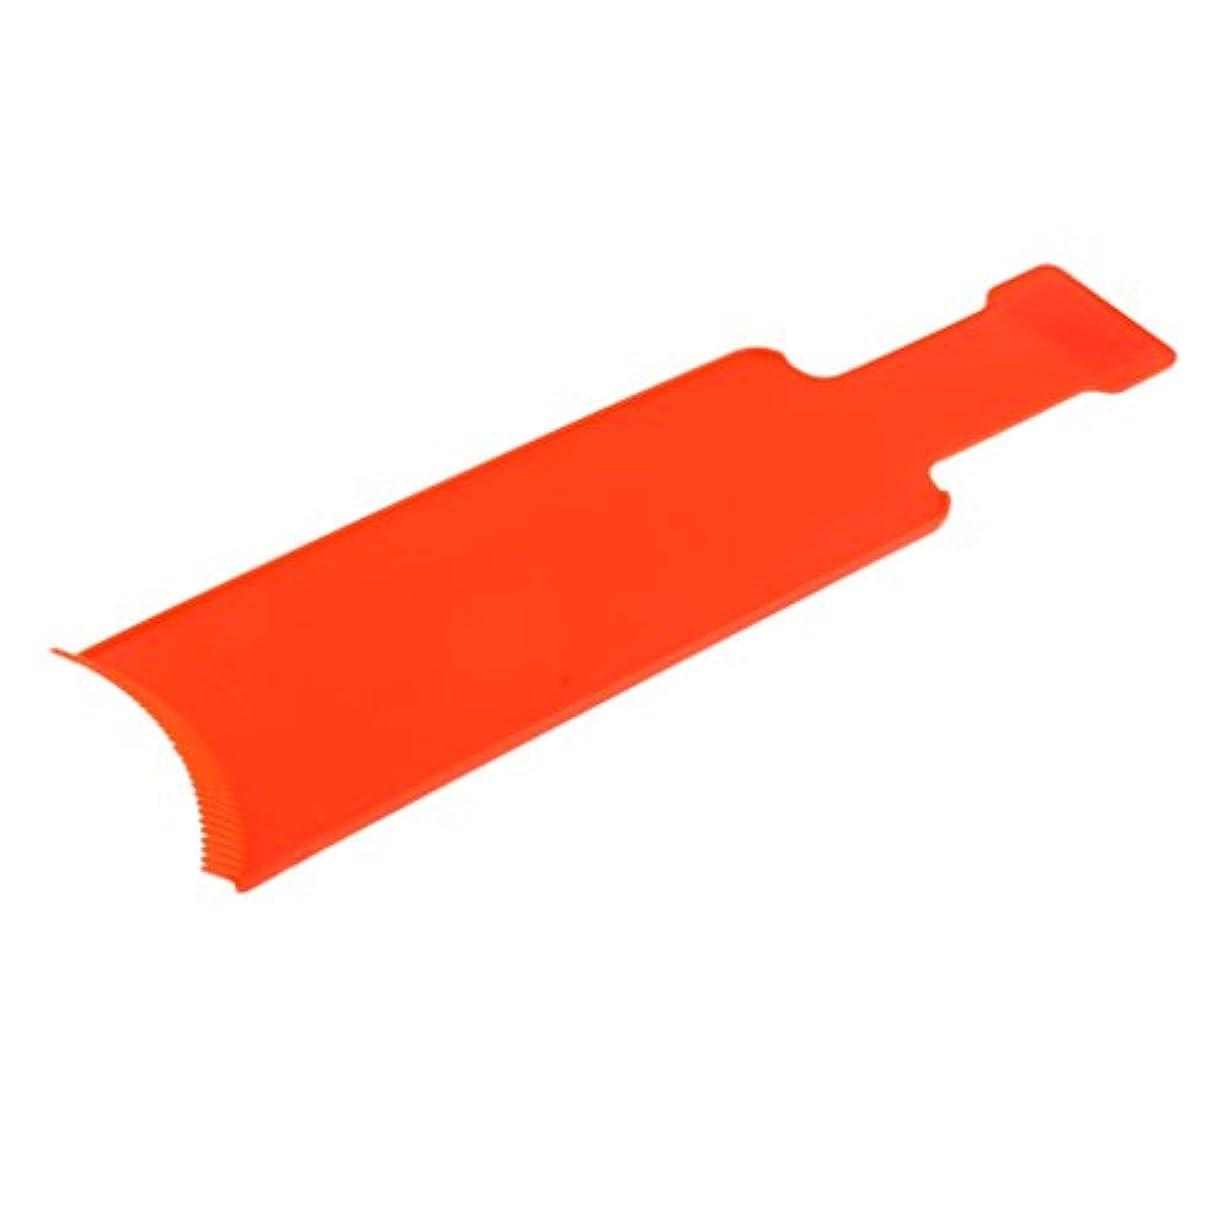 誤解させる原因下に向けます染色櫛プレート 染めボード ヘアカラー 櫛 着色ボード ヘアブラシ セルフヘルプ プロ 家庭用 2サイズ2色選べる - オレンジ, L